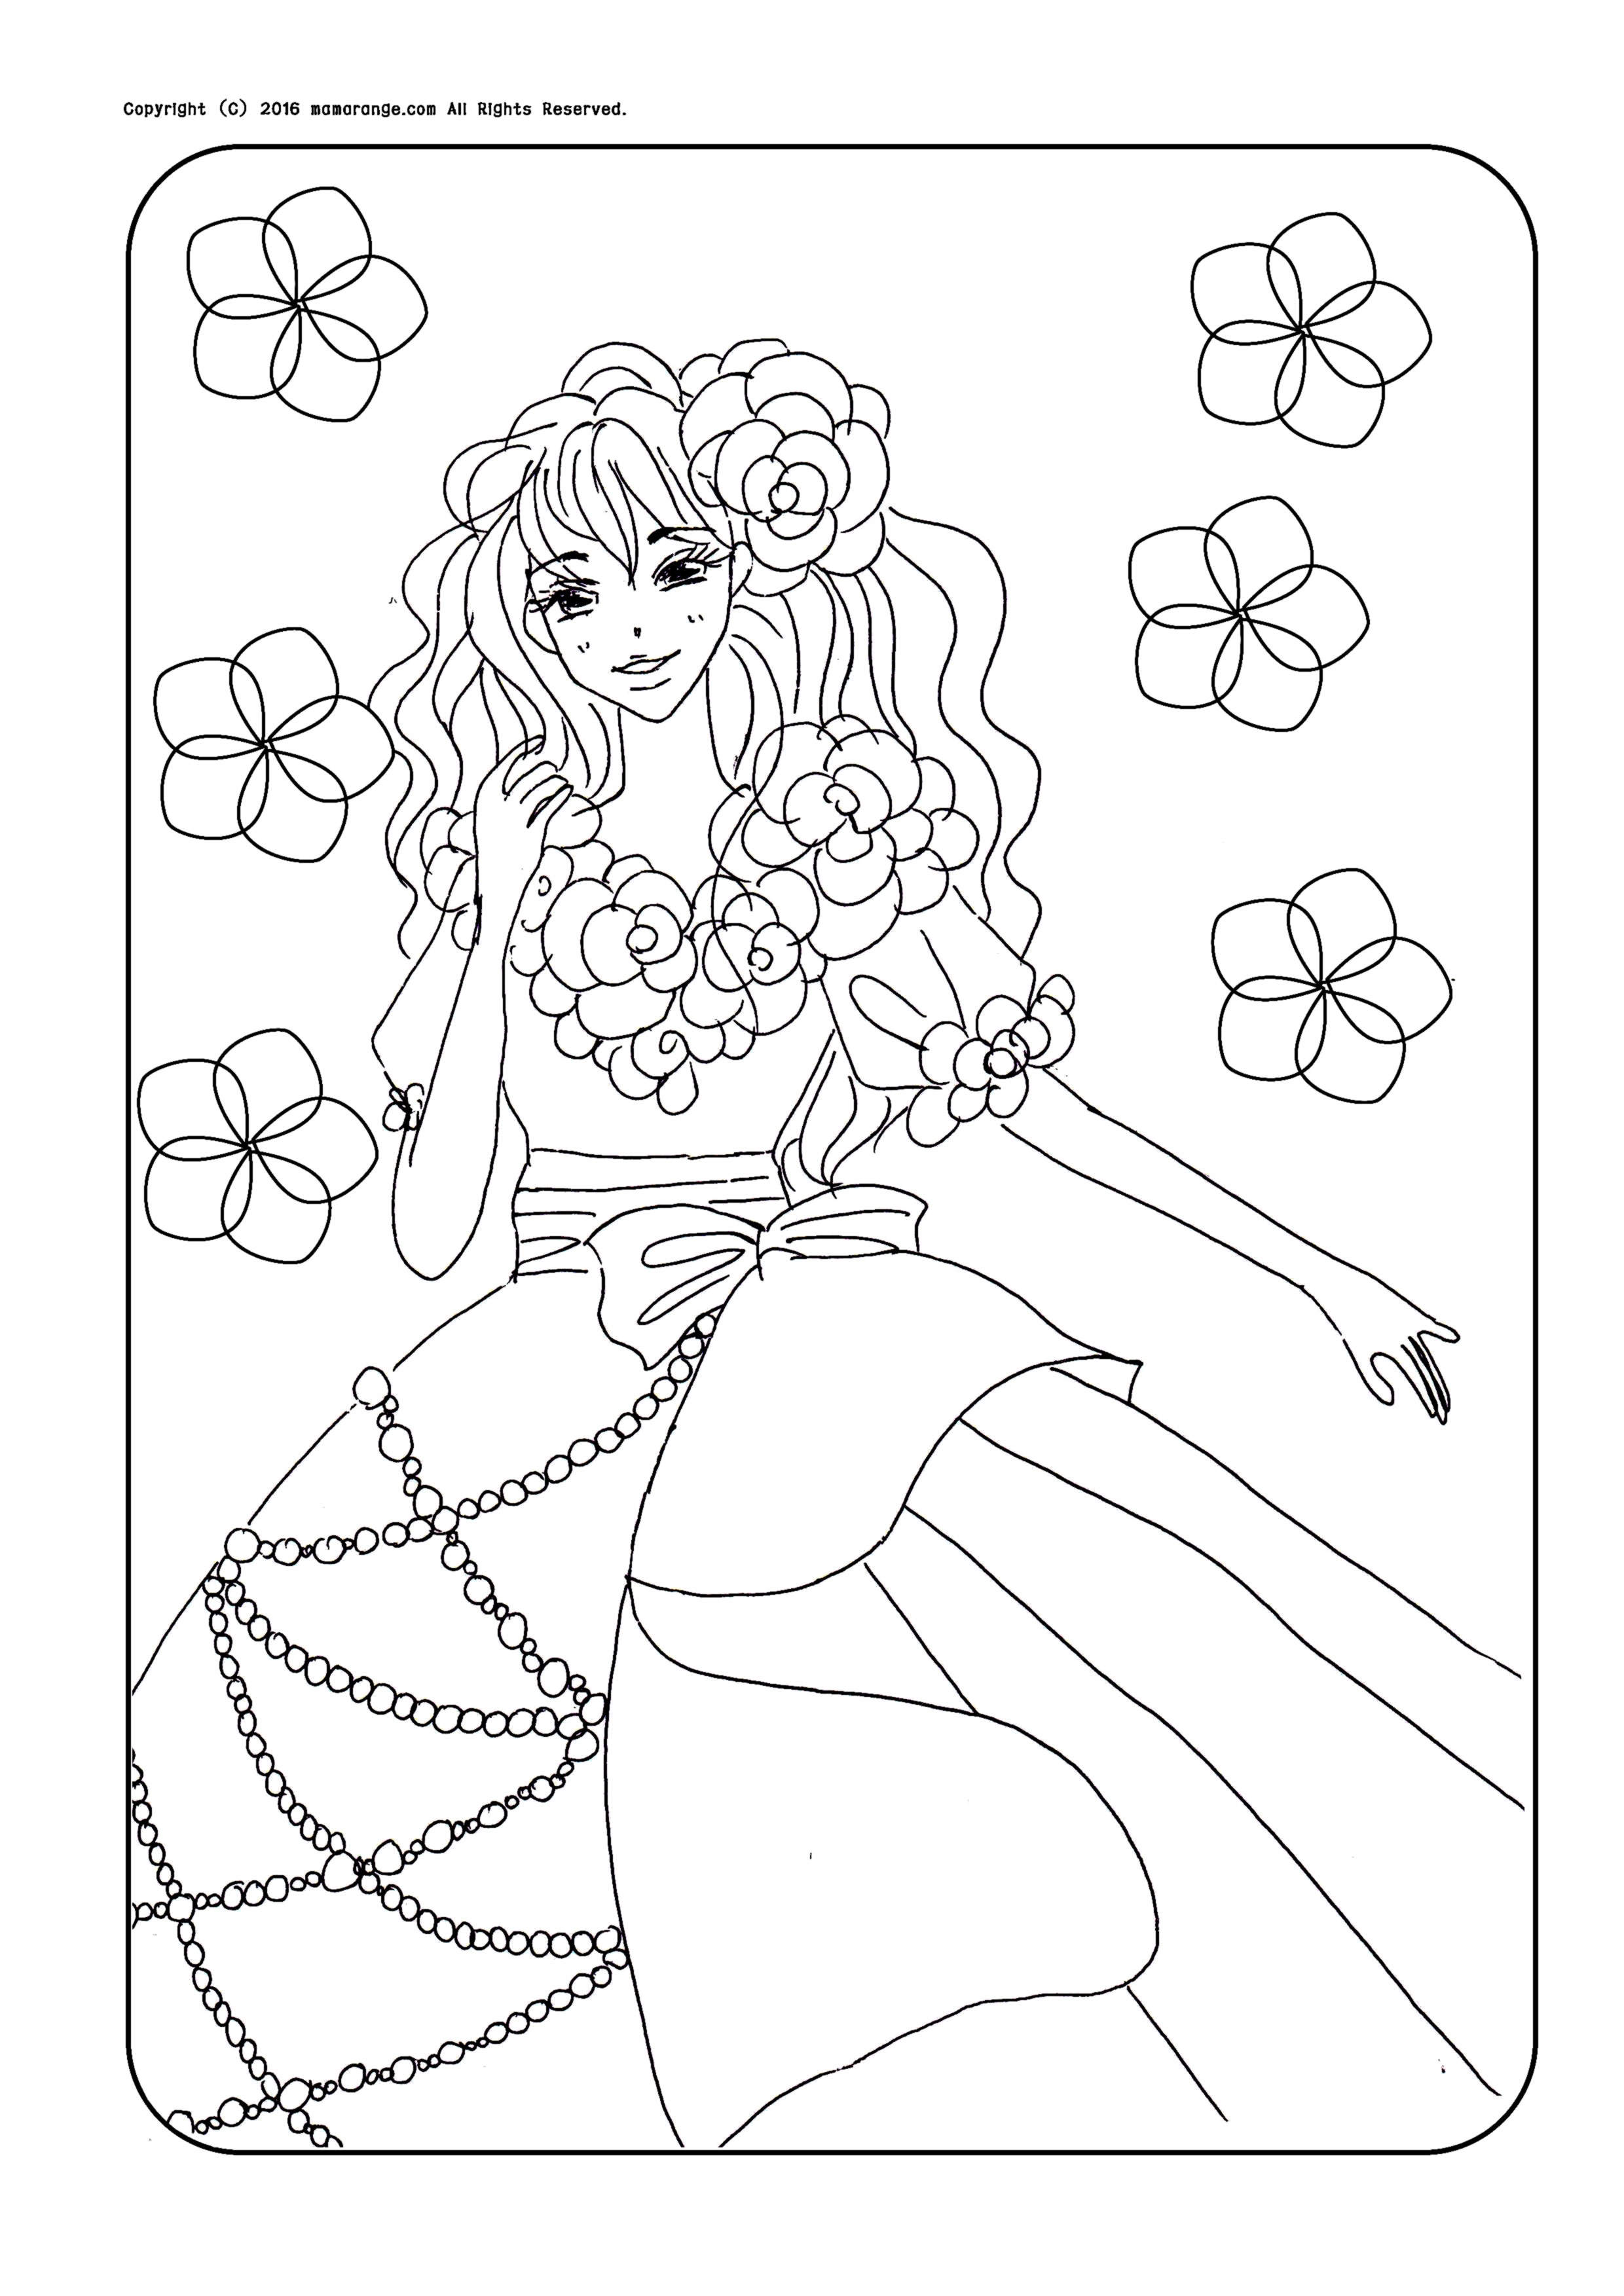 ドレスを着たお姫様 塗り絵